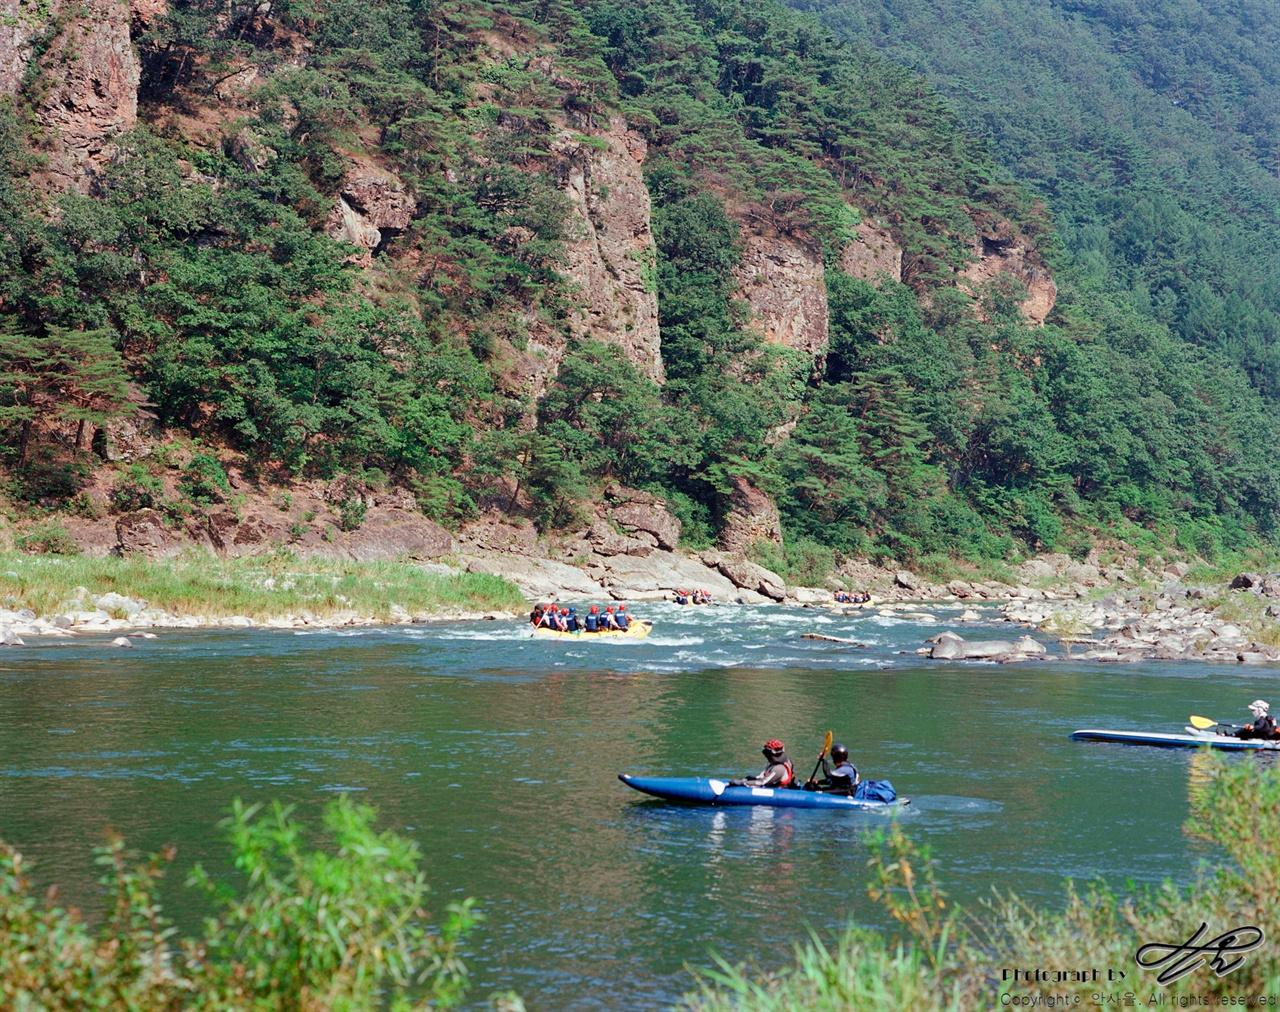 동강 (Ektar100)어라연을 지나 영월 읍내로 흘러가는 동강의 모습. 다른 날 트래킹을 하며 담은 사진이다.